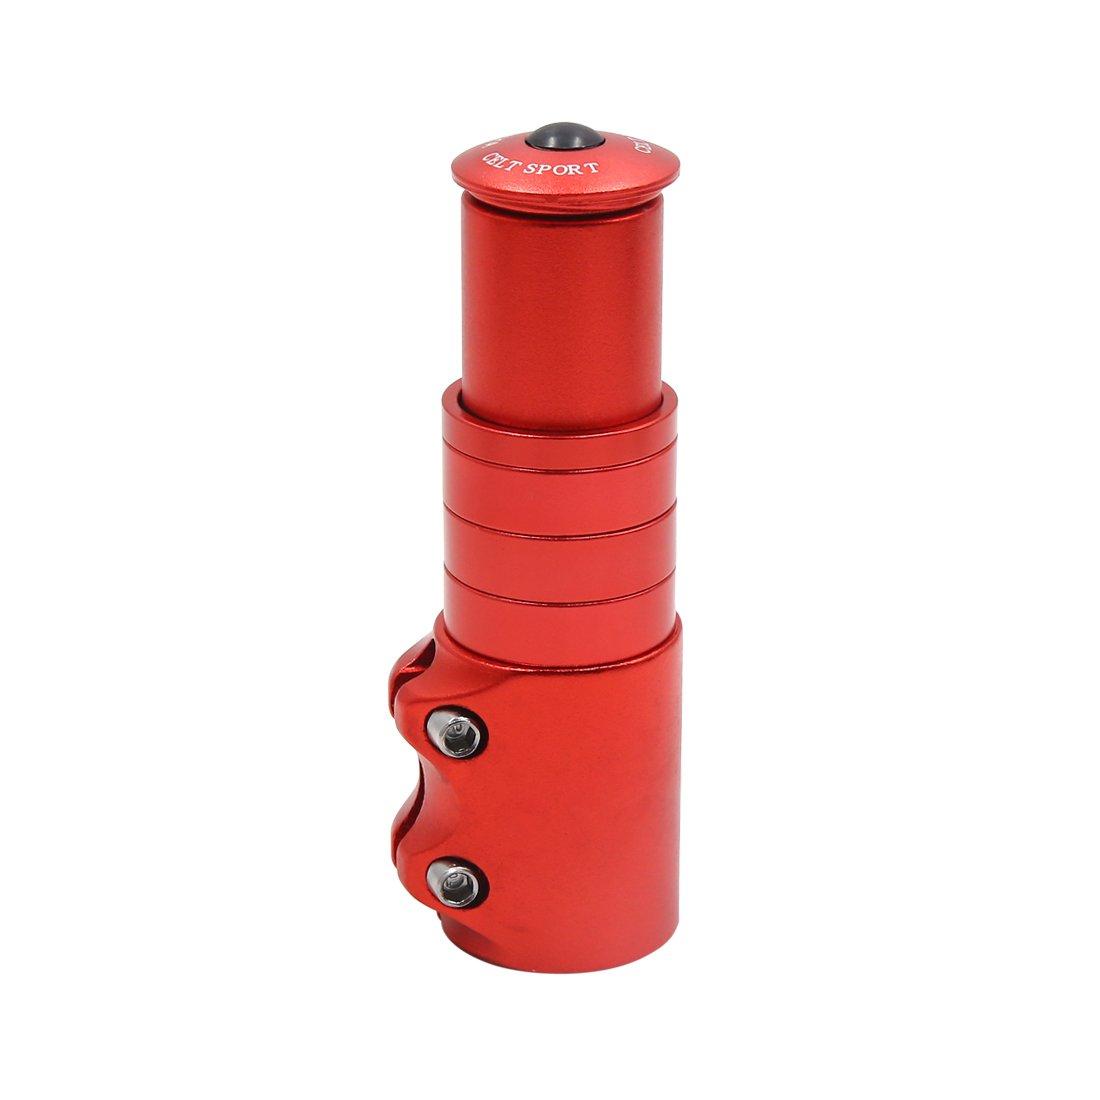 uxcell Red Aluminum Alloy Handlebar Fork Stem Riser Head Up Adapter Extender for Bike